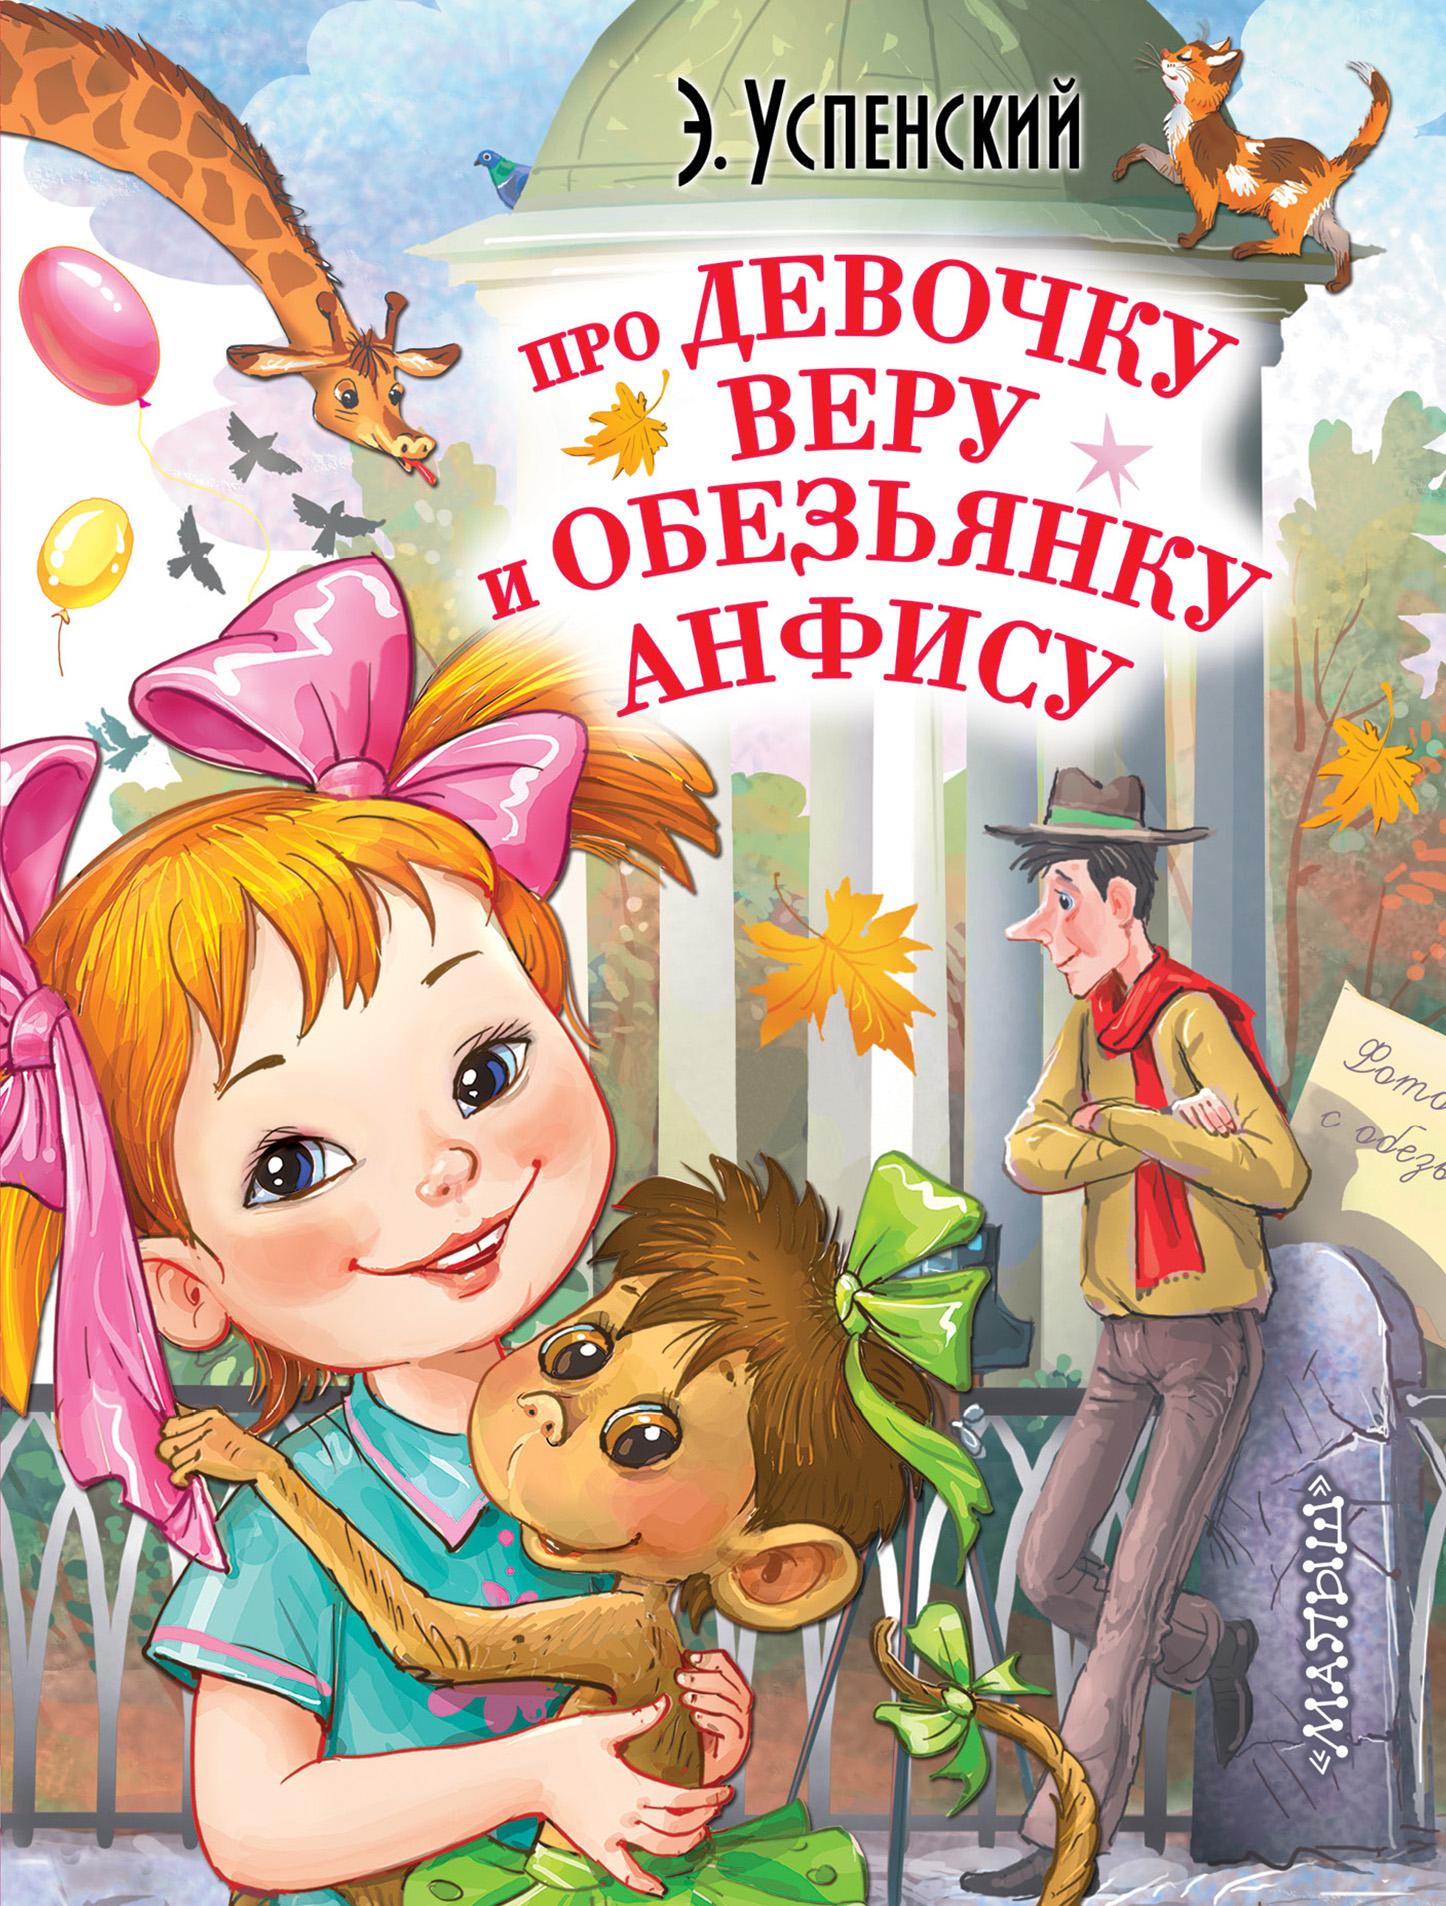 Про девочку Веру и обезьянку Анфису